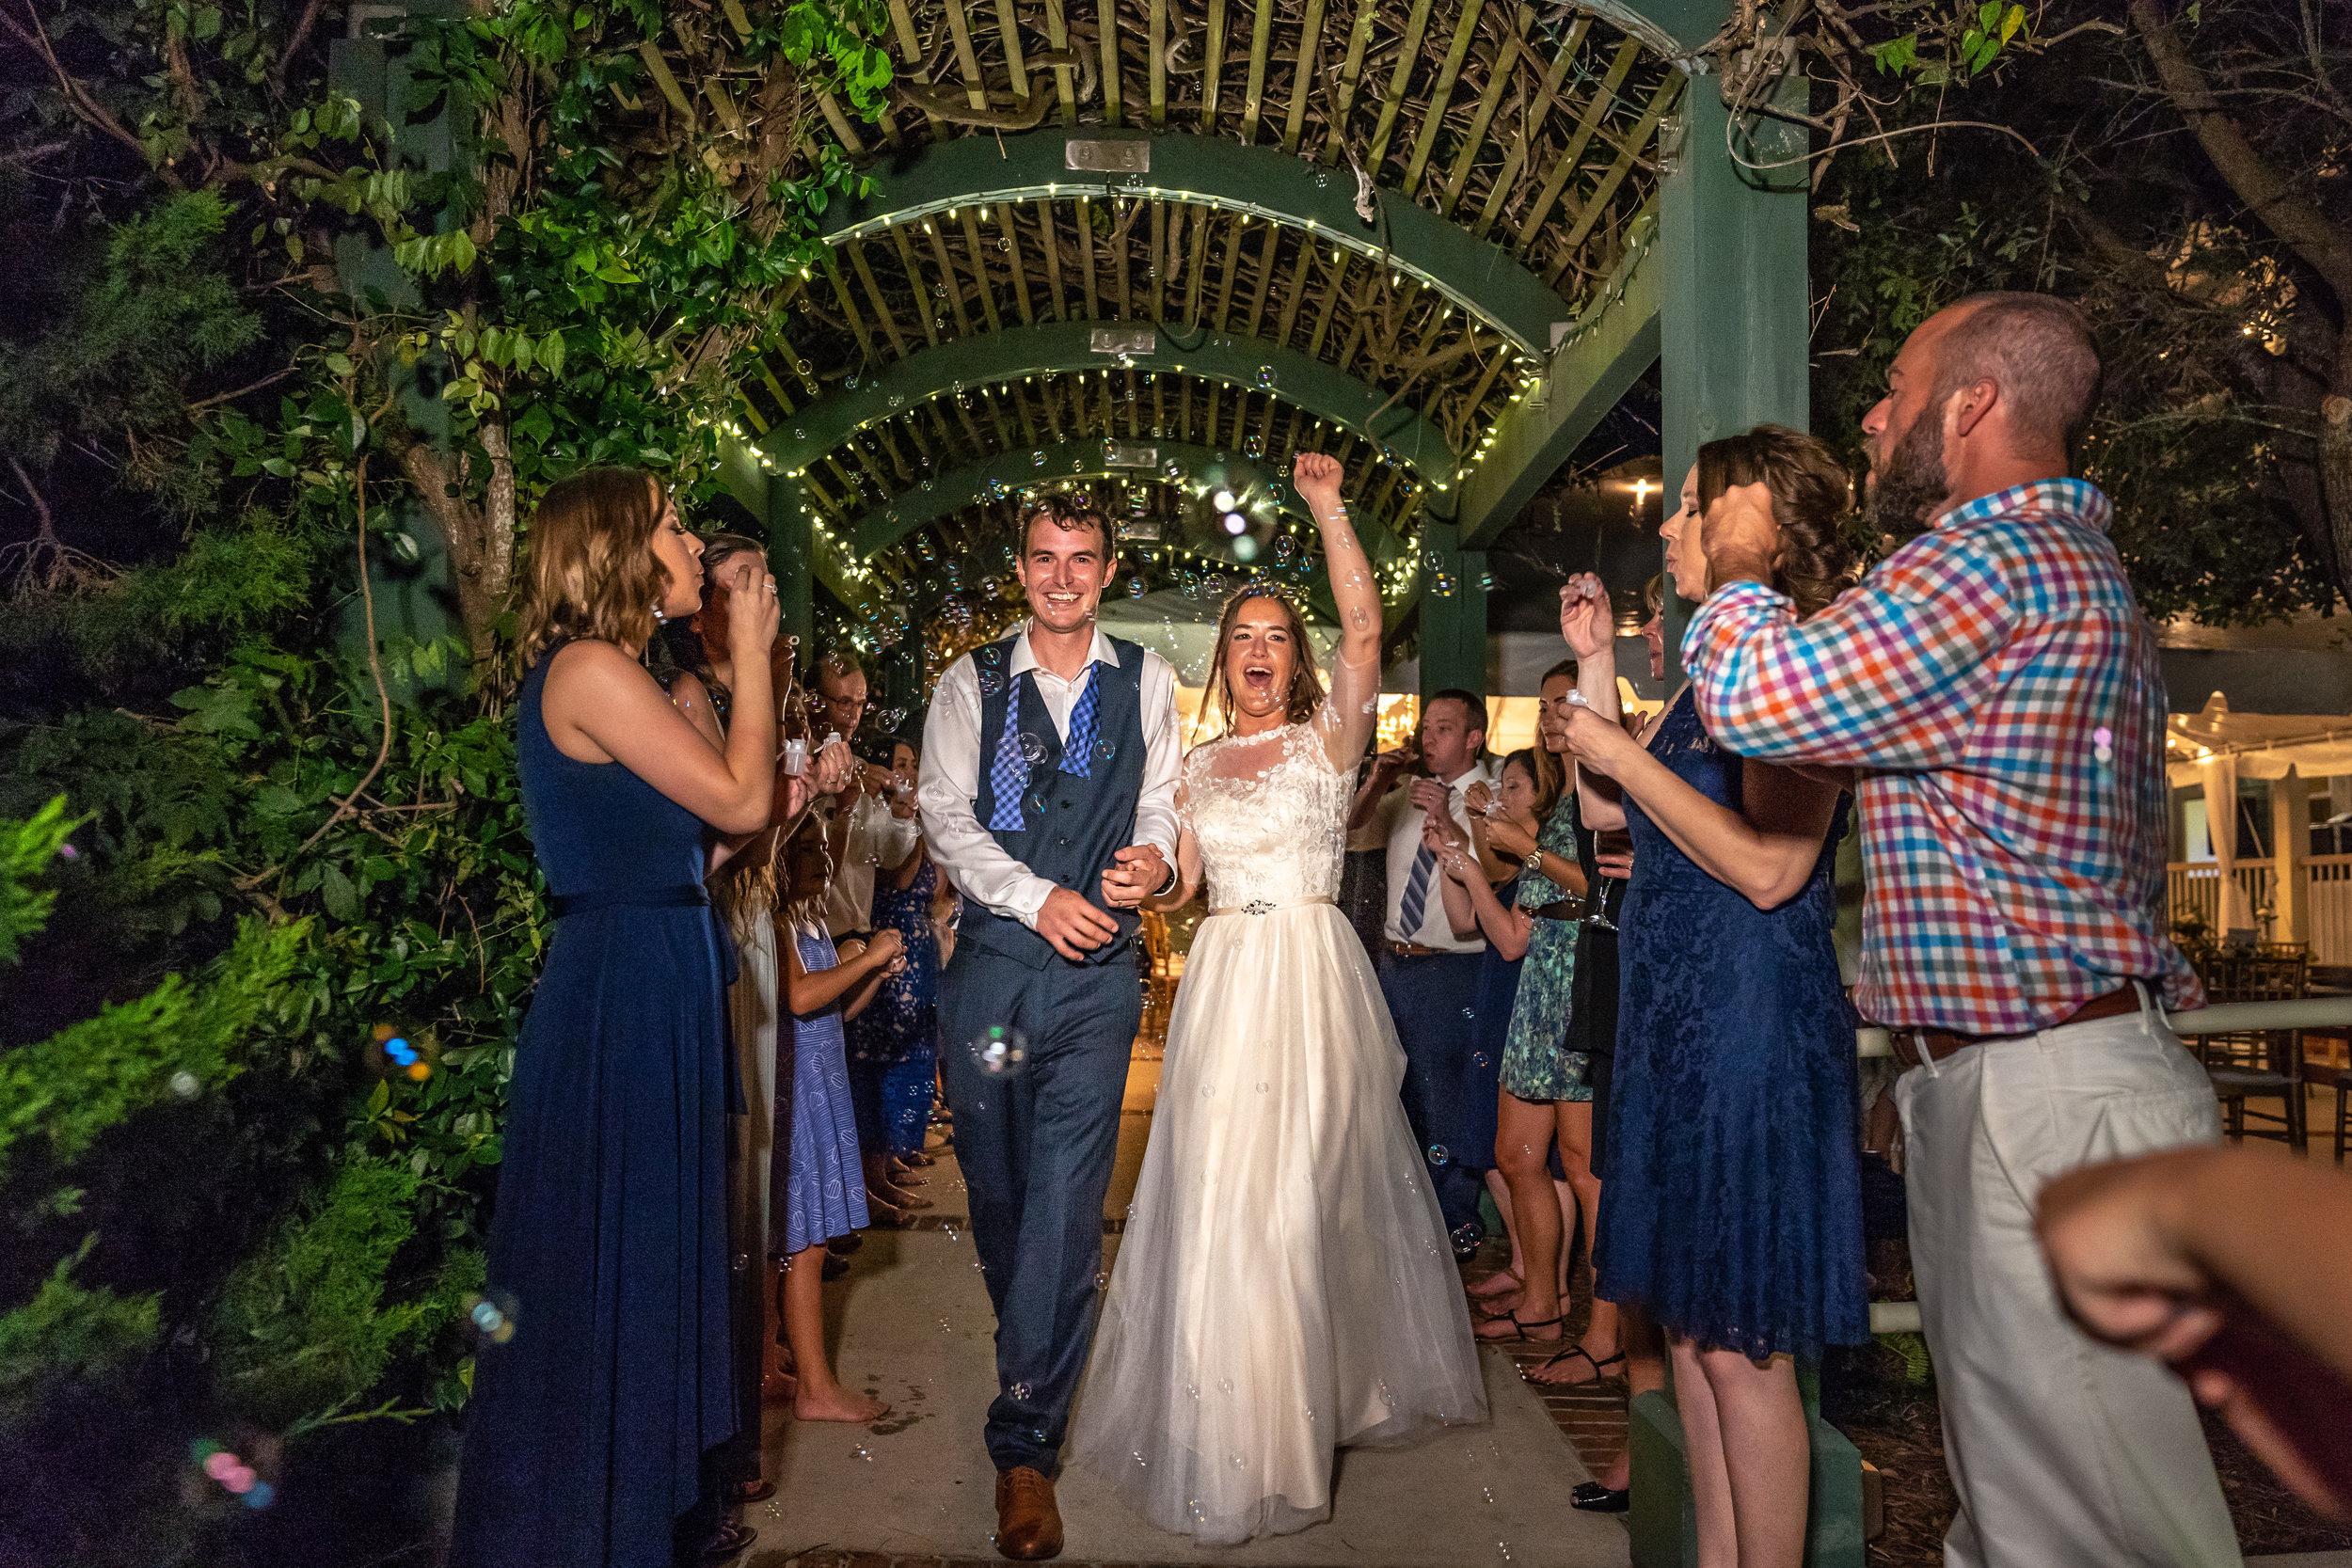 bubble-exit-wedding-ideas.jpg